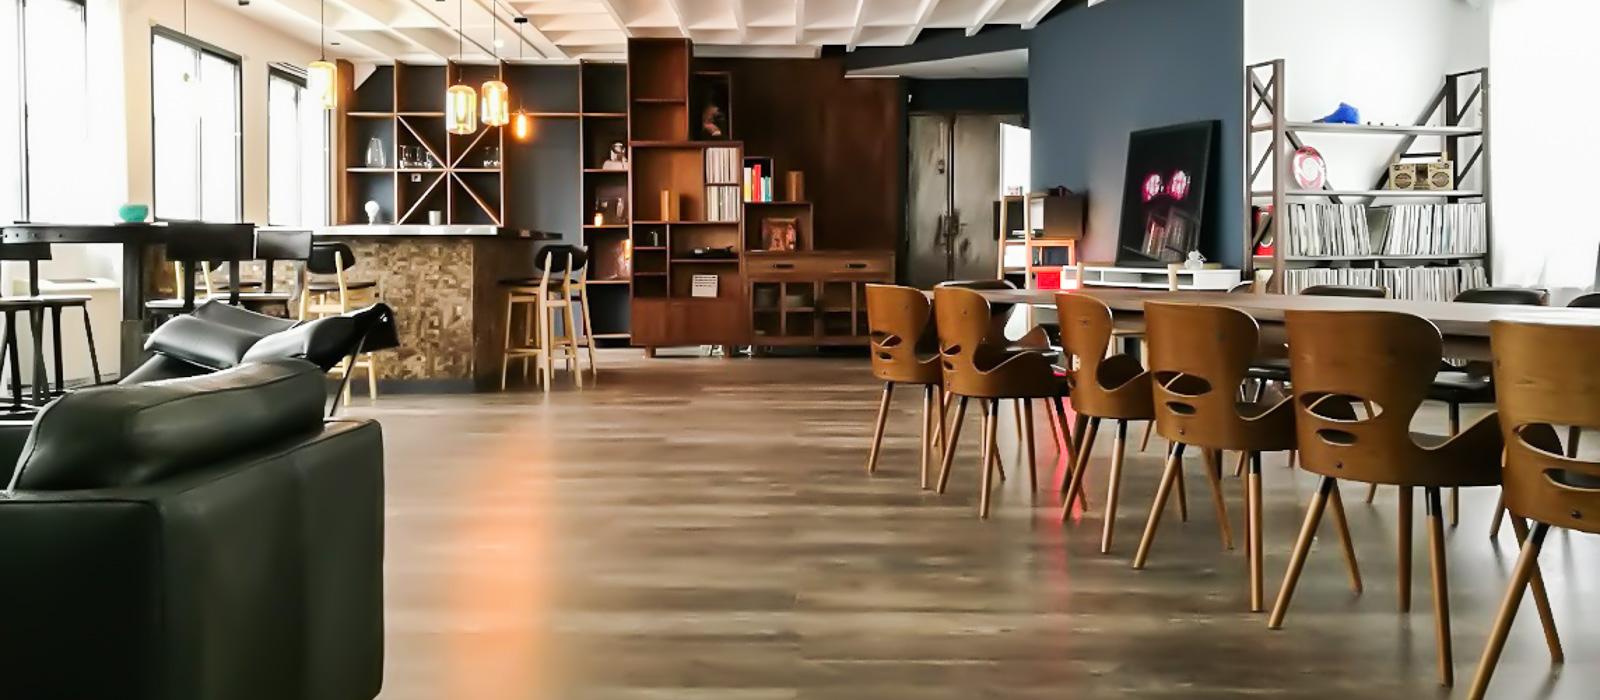 Bars et restaurant à Lyon - Réserver avec LesBarrés